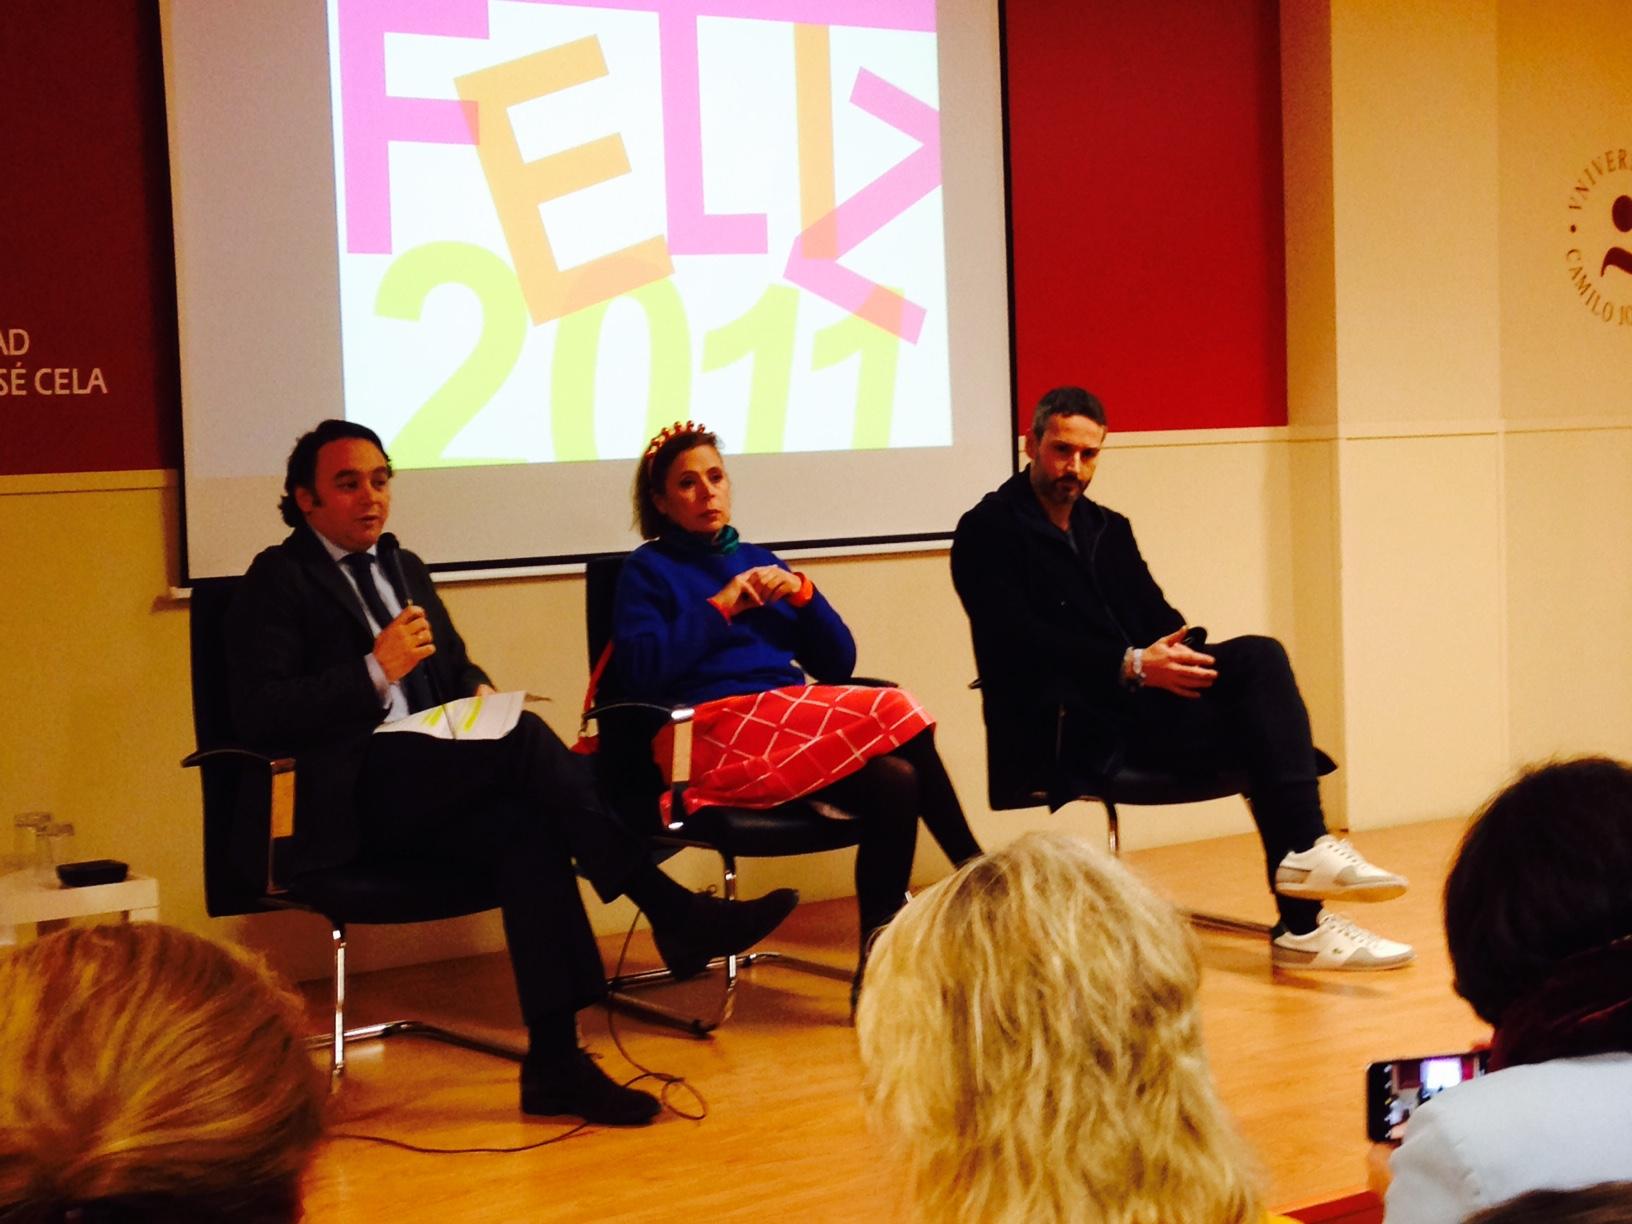 agatha-ruiz-de-la-prada-1 Así fue la visita de Ágatha Ruiz de la Prada a IMF Business School